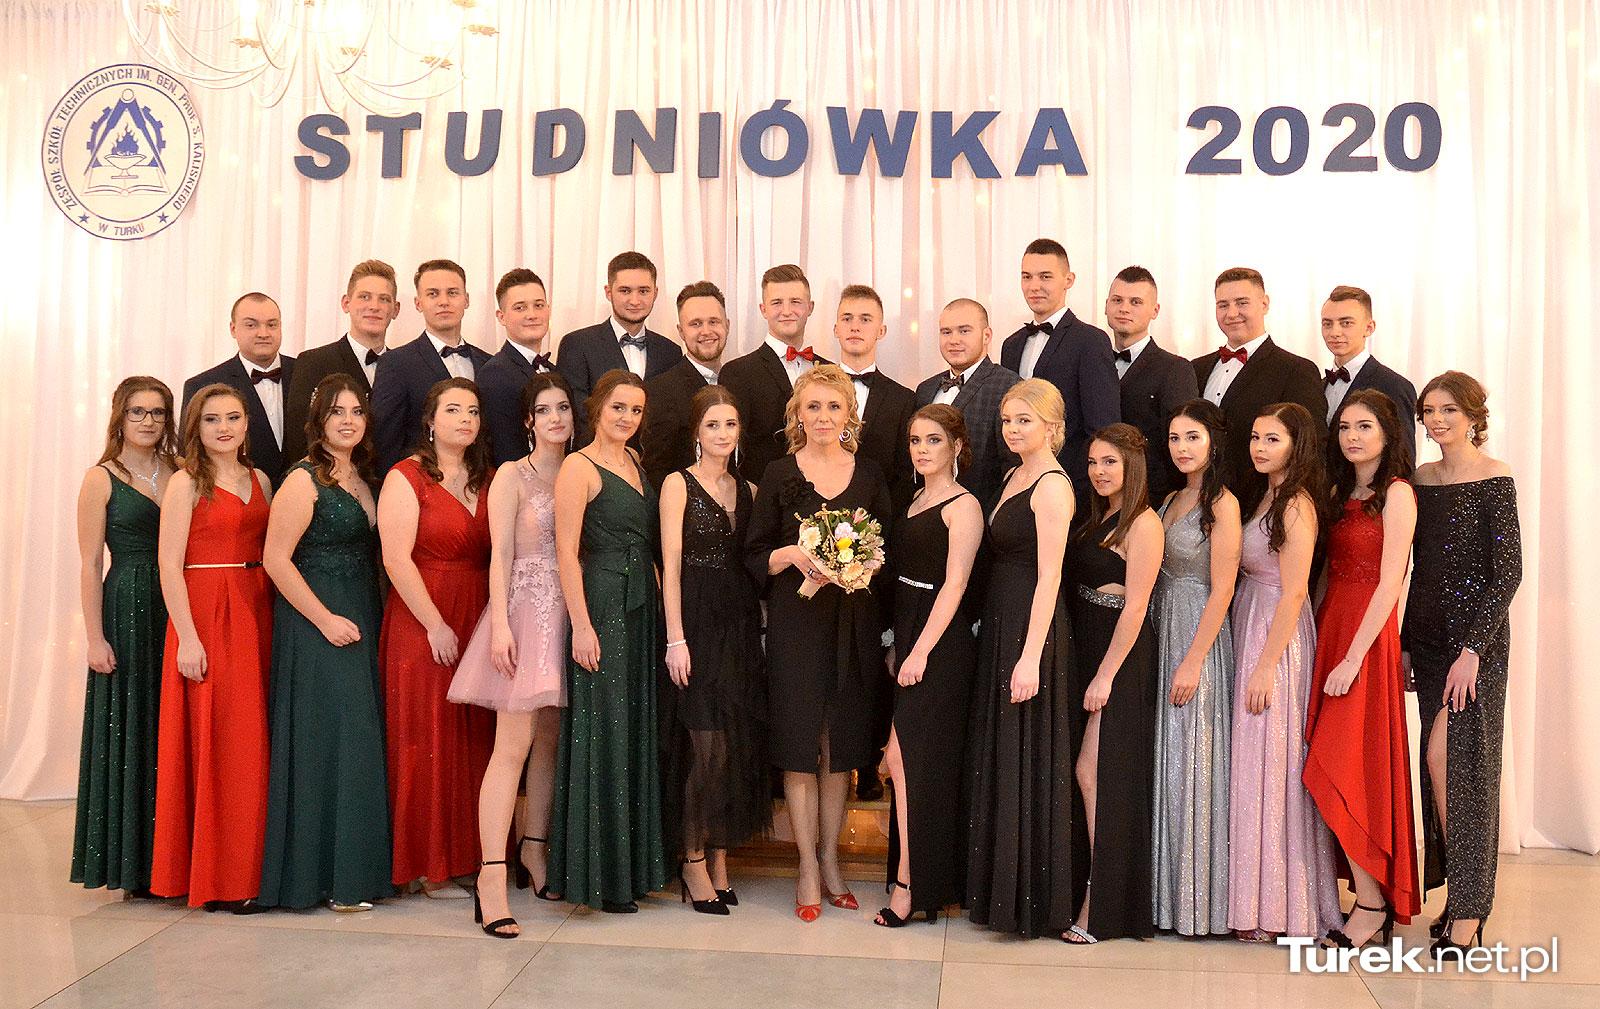 Oto klasy maturalne Zespołu Szkół Technicznych. Młodość, piękno i szyk - fot. Turek.net.pl